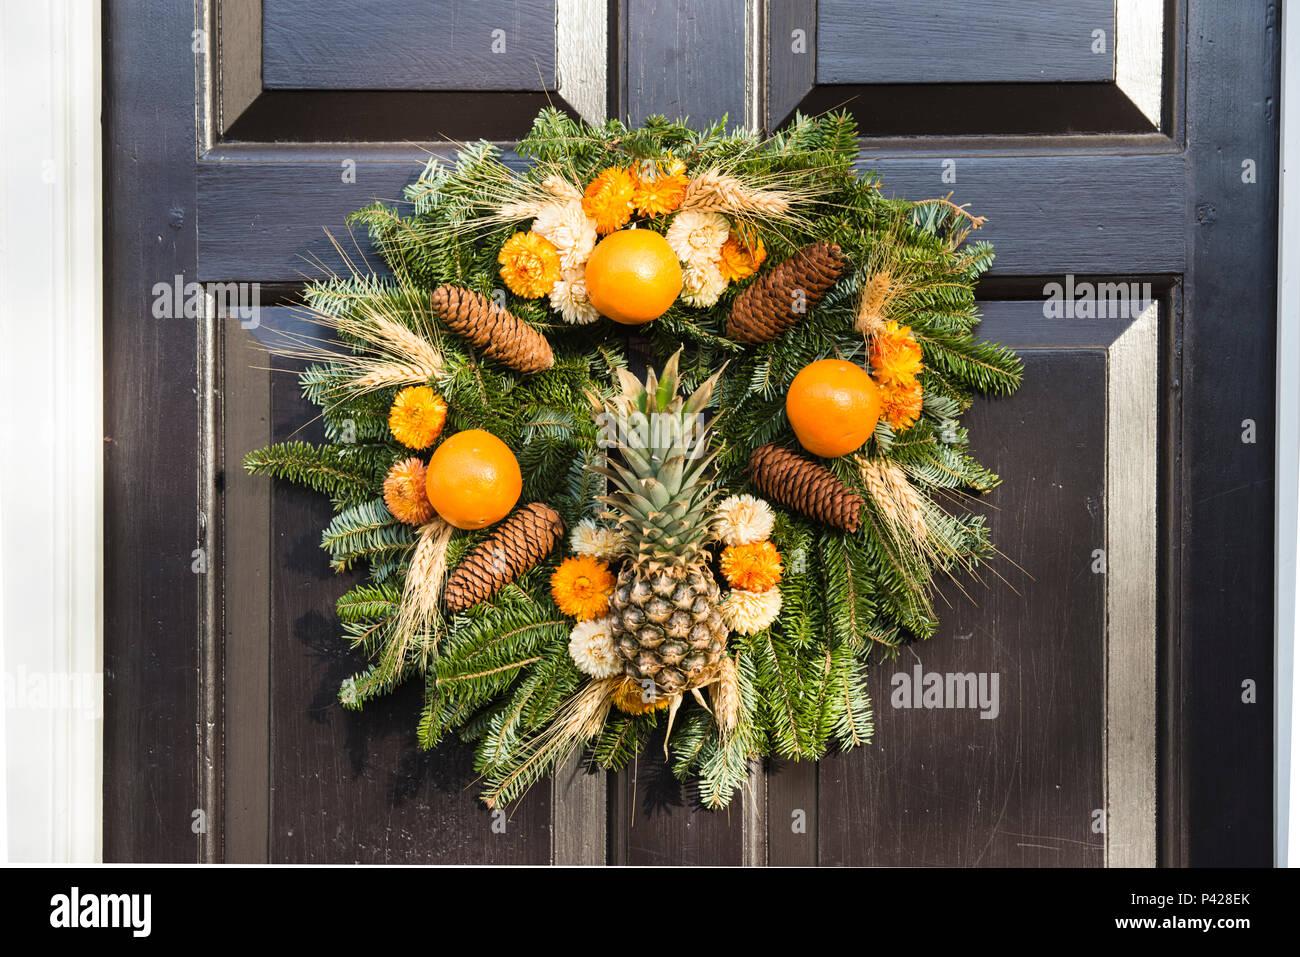 cones display stockfotos cones display bilder seite 2. Black Bedroom Furniture Sets. Home Design Ideas